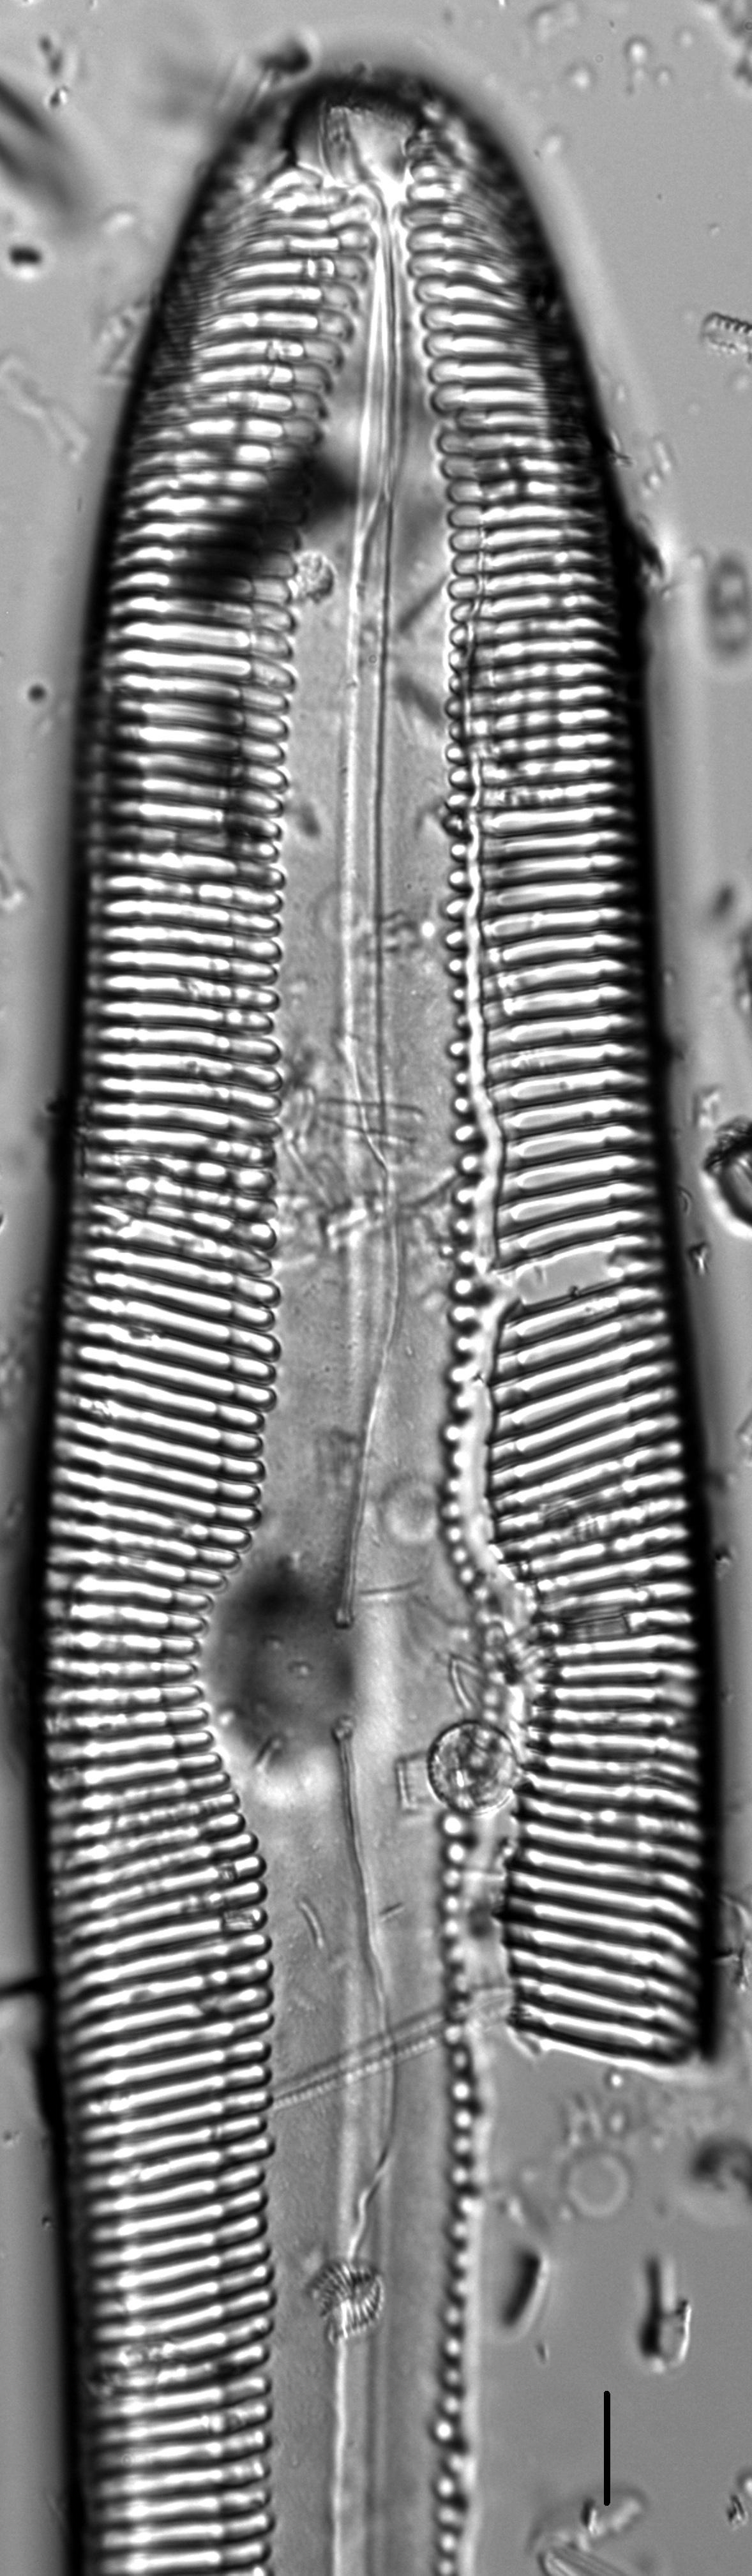 Pinnularia gigas LM7